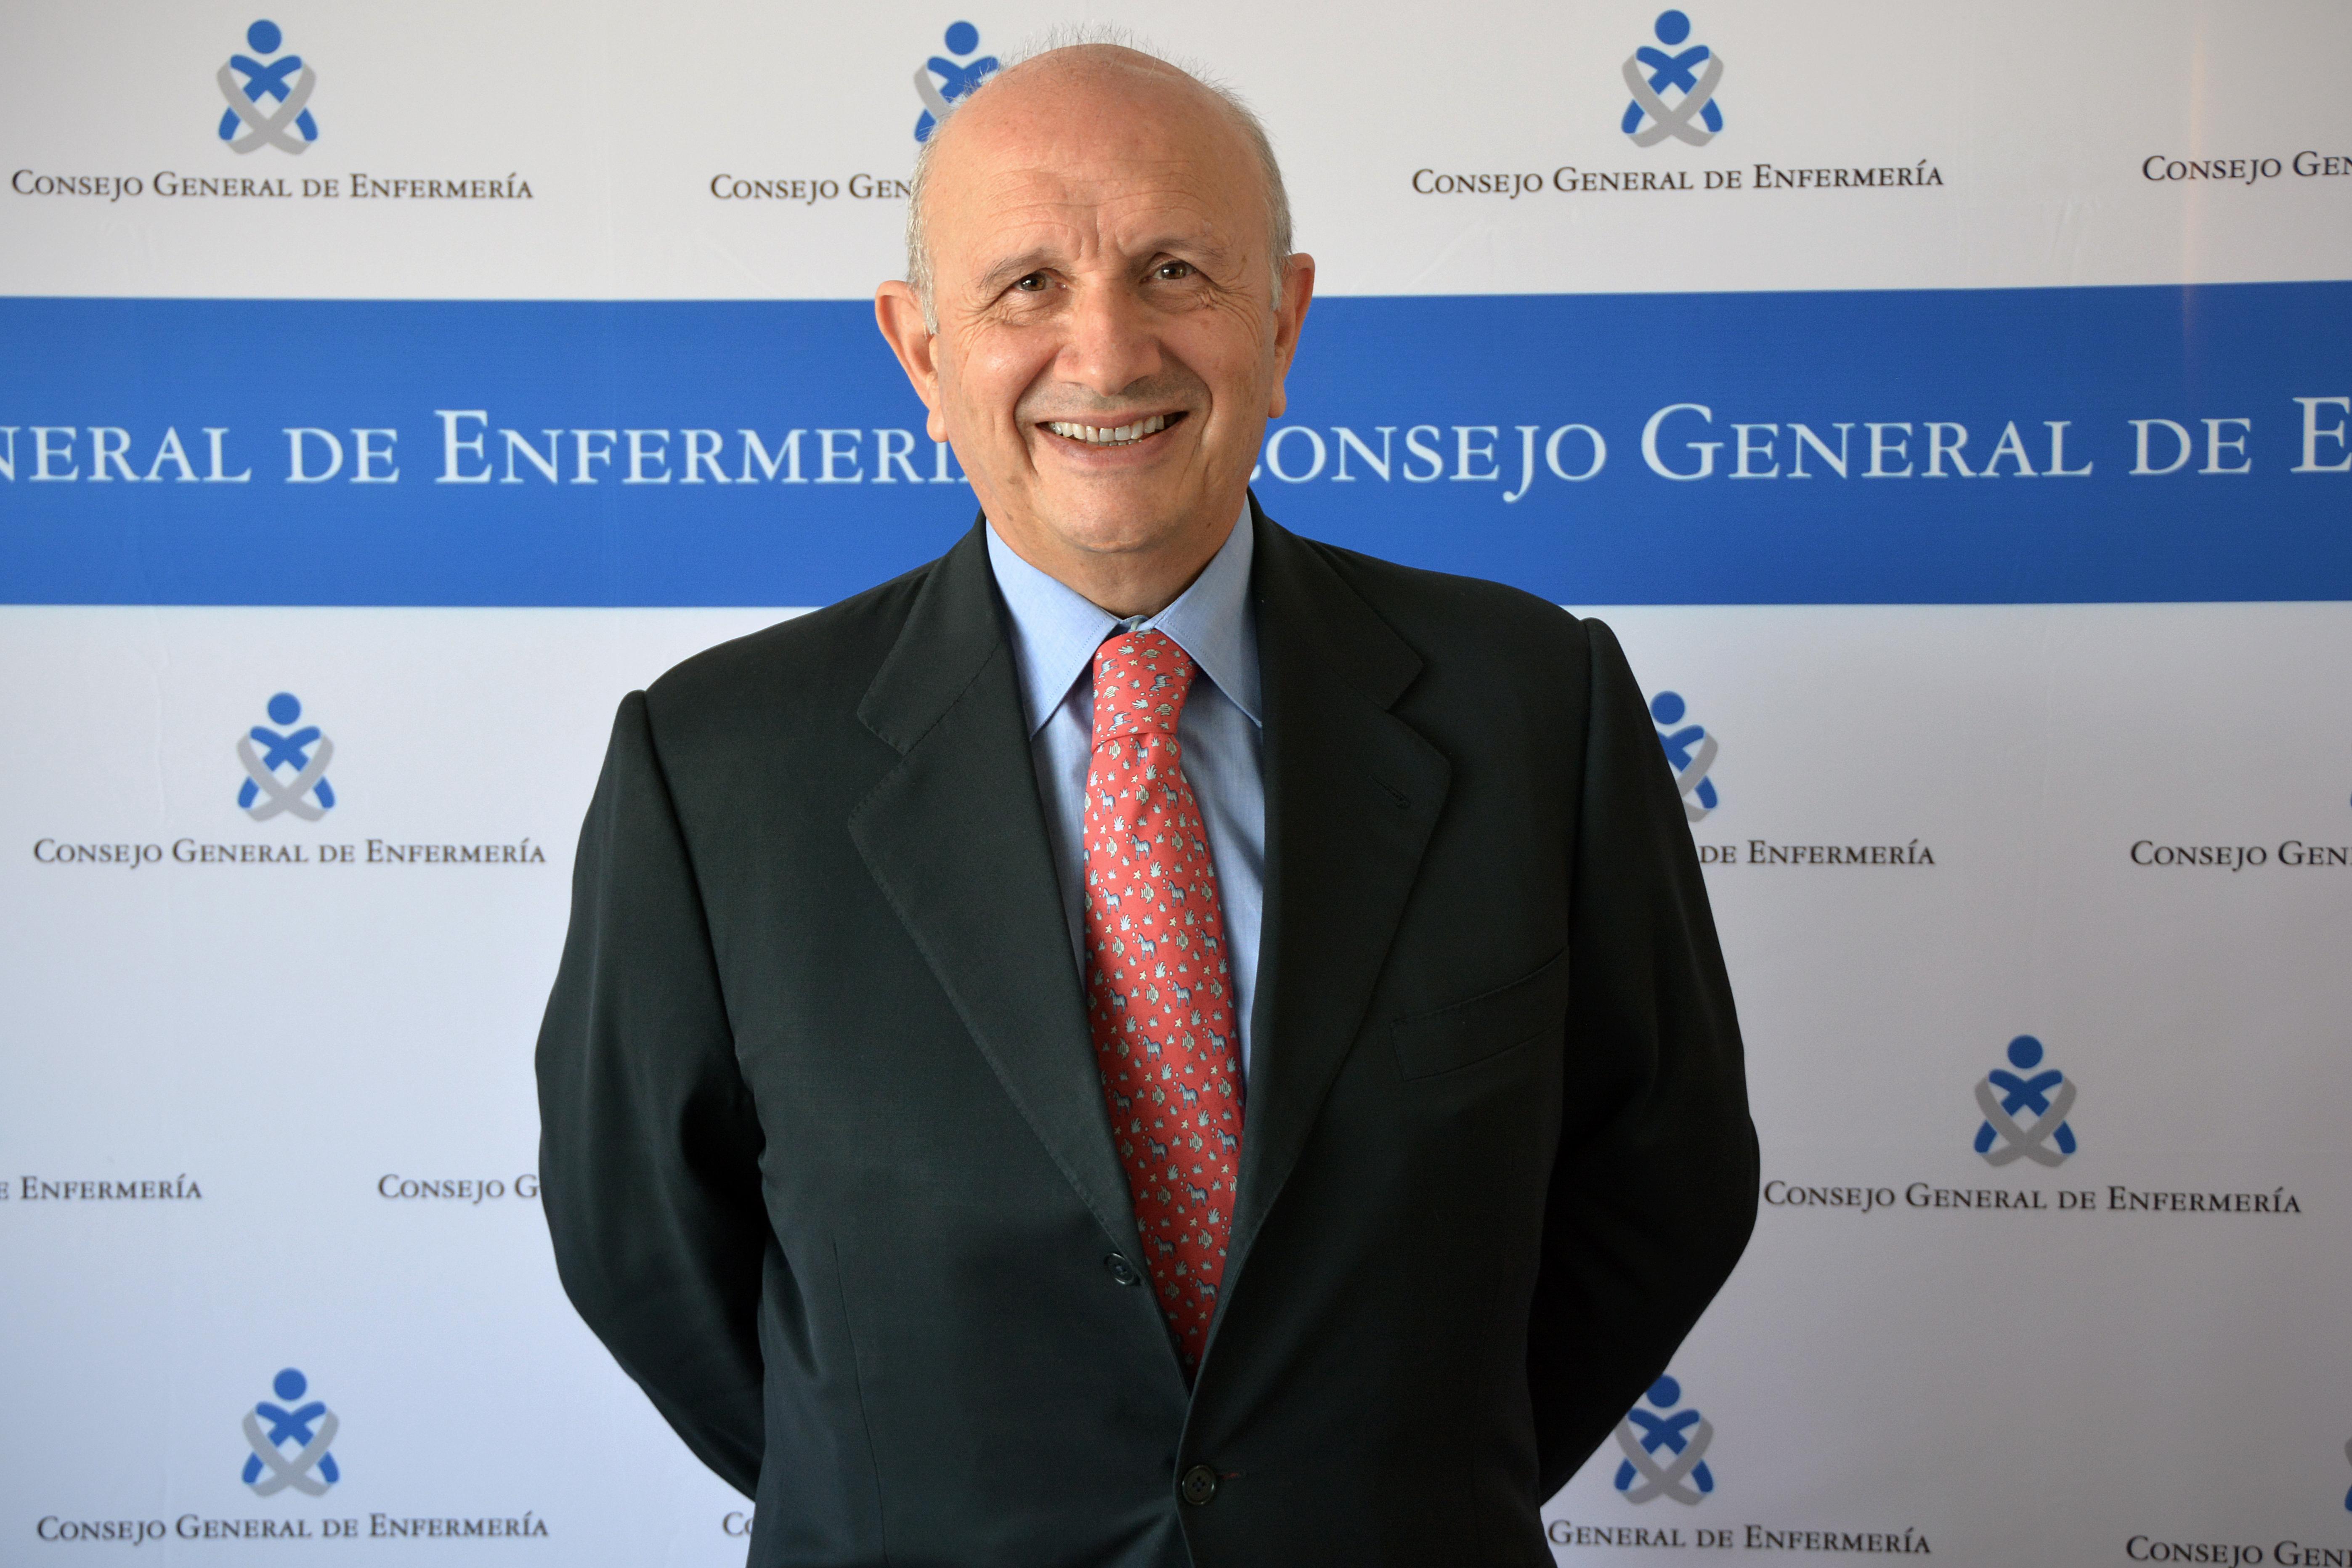 Máximo González Jurado cierra su etapa como presidente del Consejo General de Enfermería y convoca elecciones